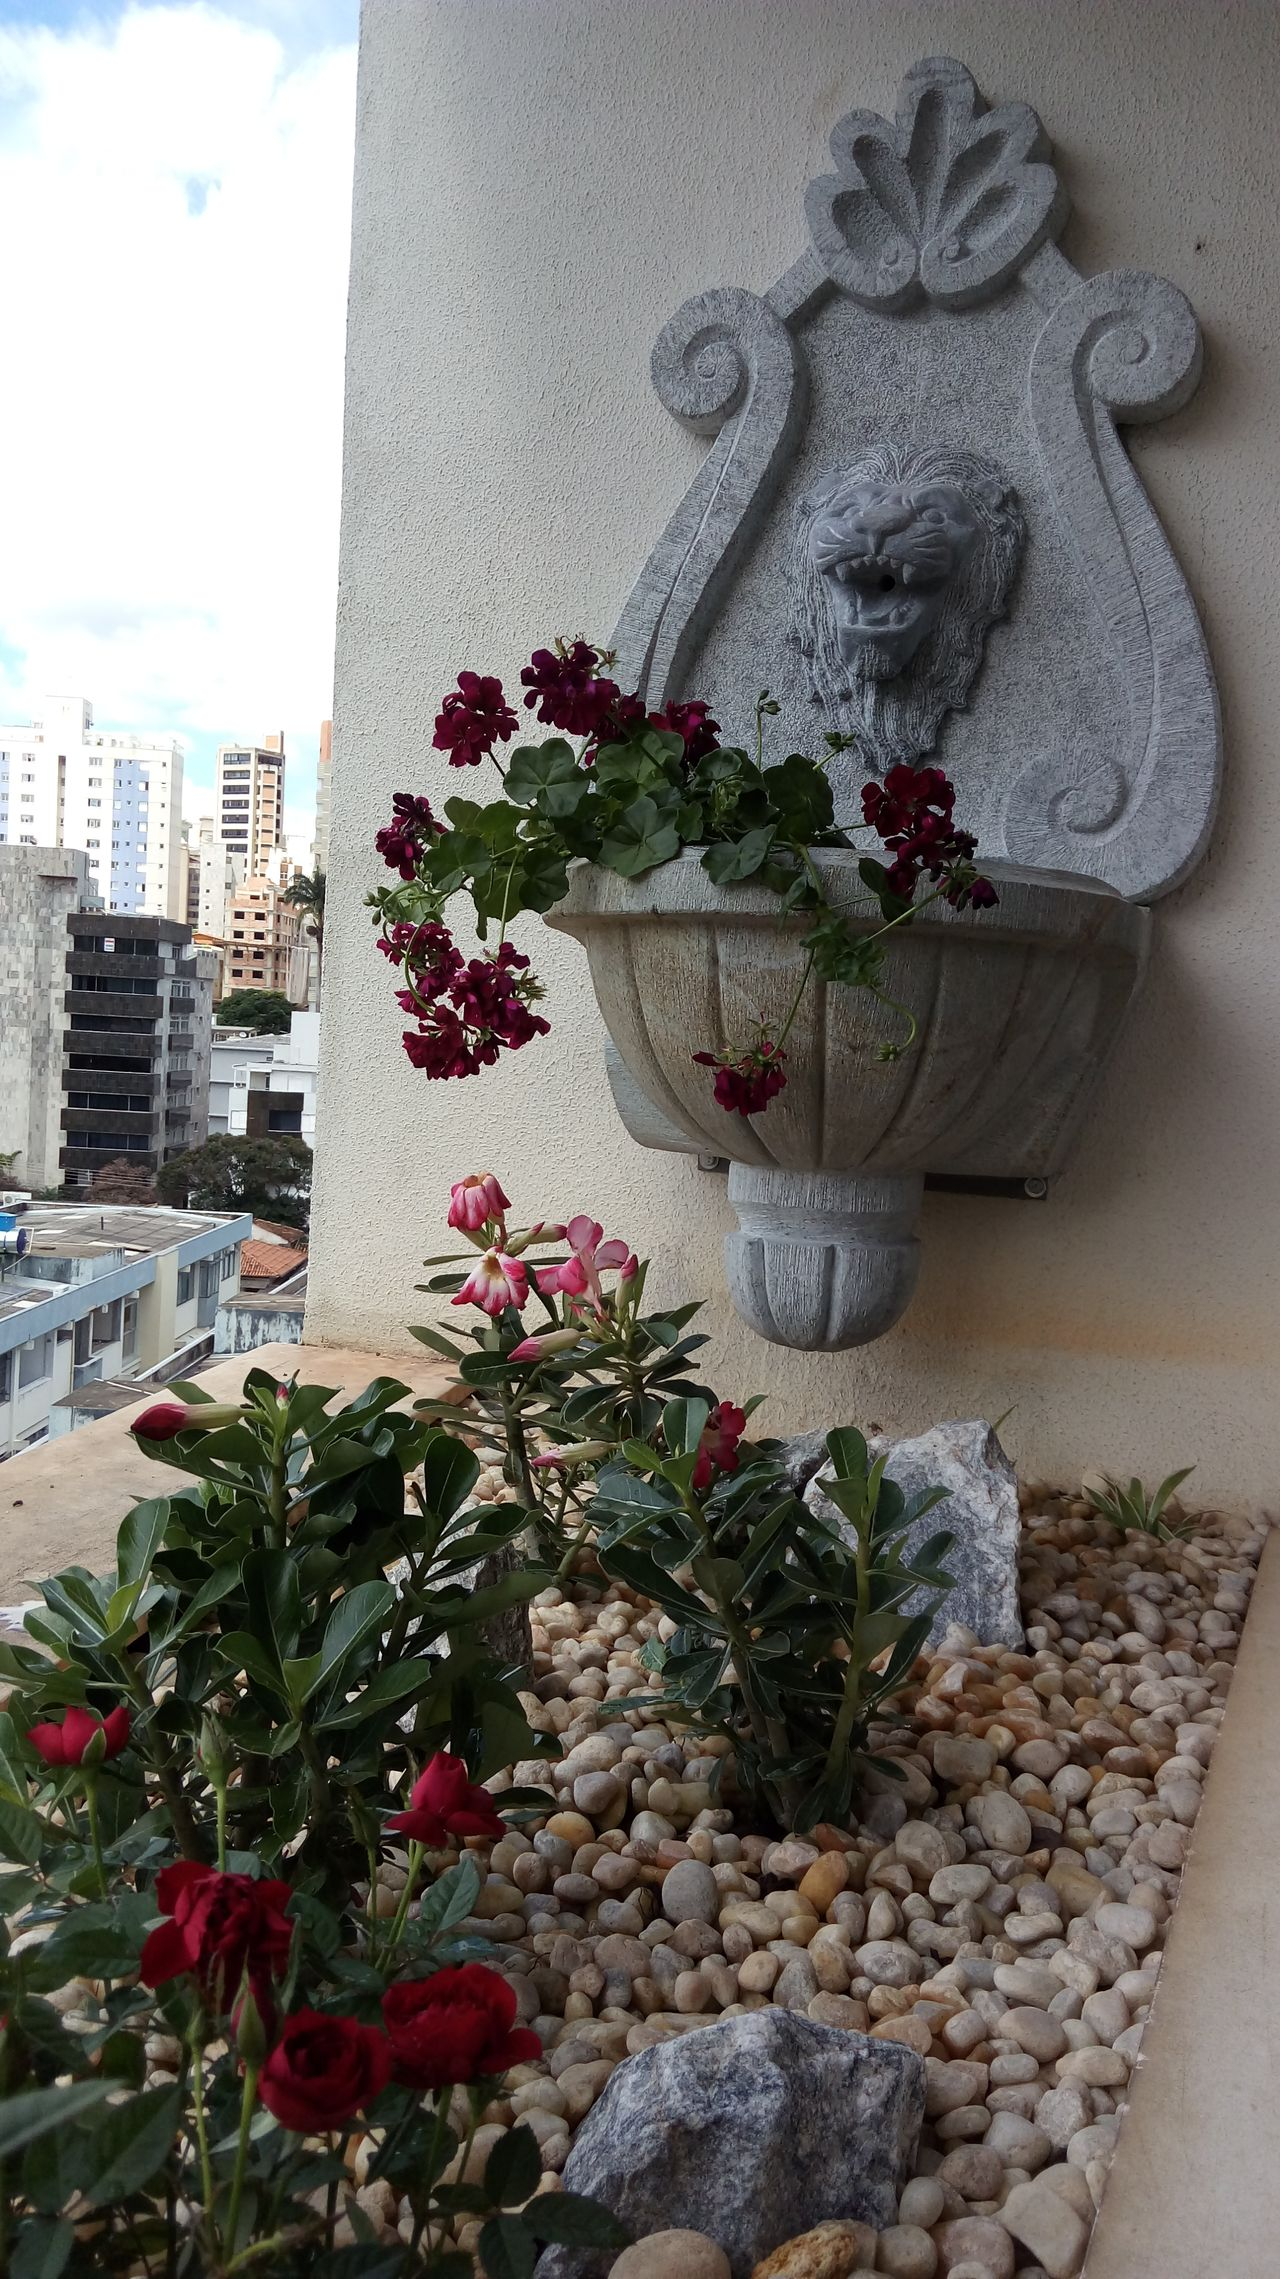 Jardim Detalhe da jardineira com chafariz de leão casagreenpaisagismo 141865